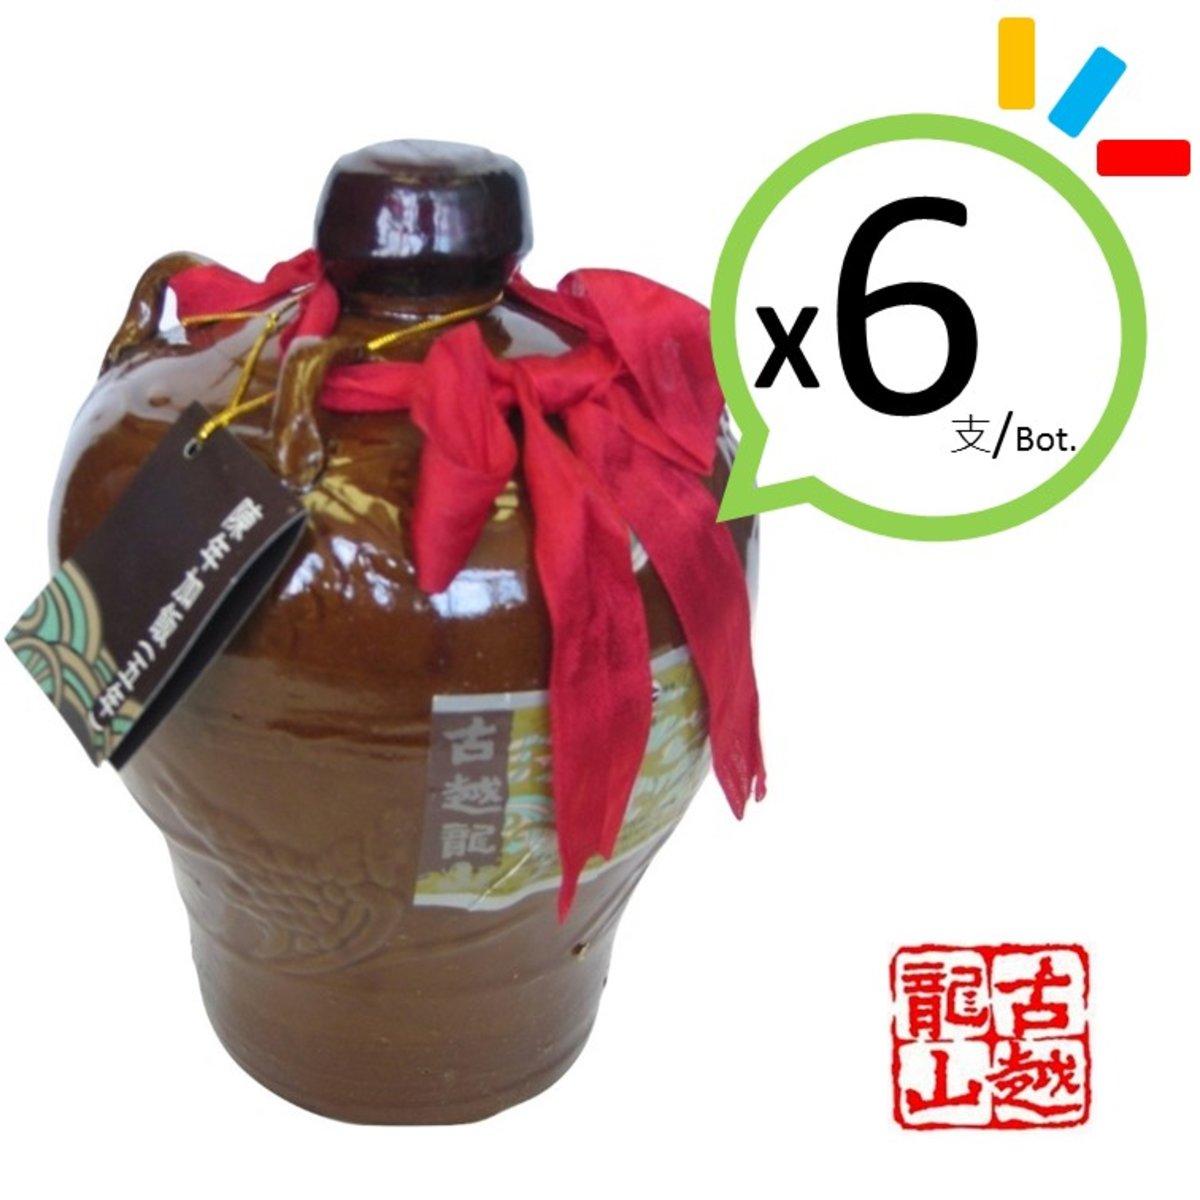 Chen Nian Shao Xing Jia Fan Wine 5 Years x6 Barrels